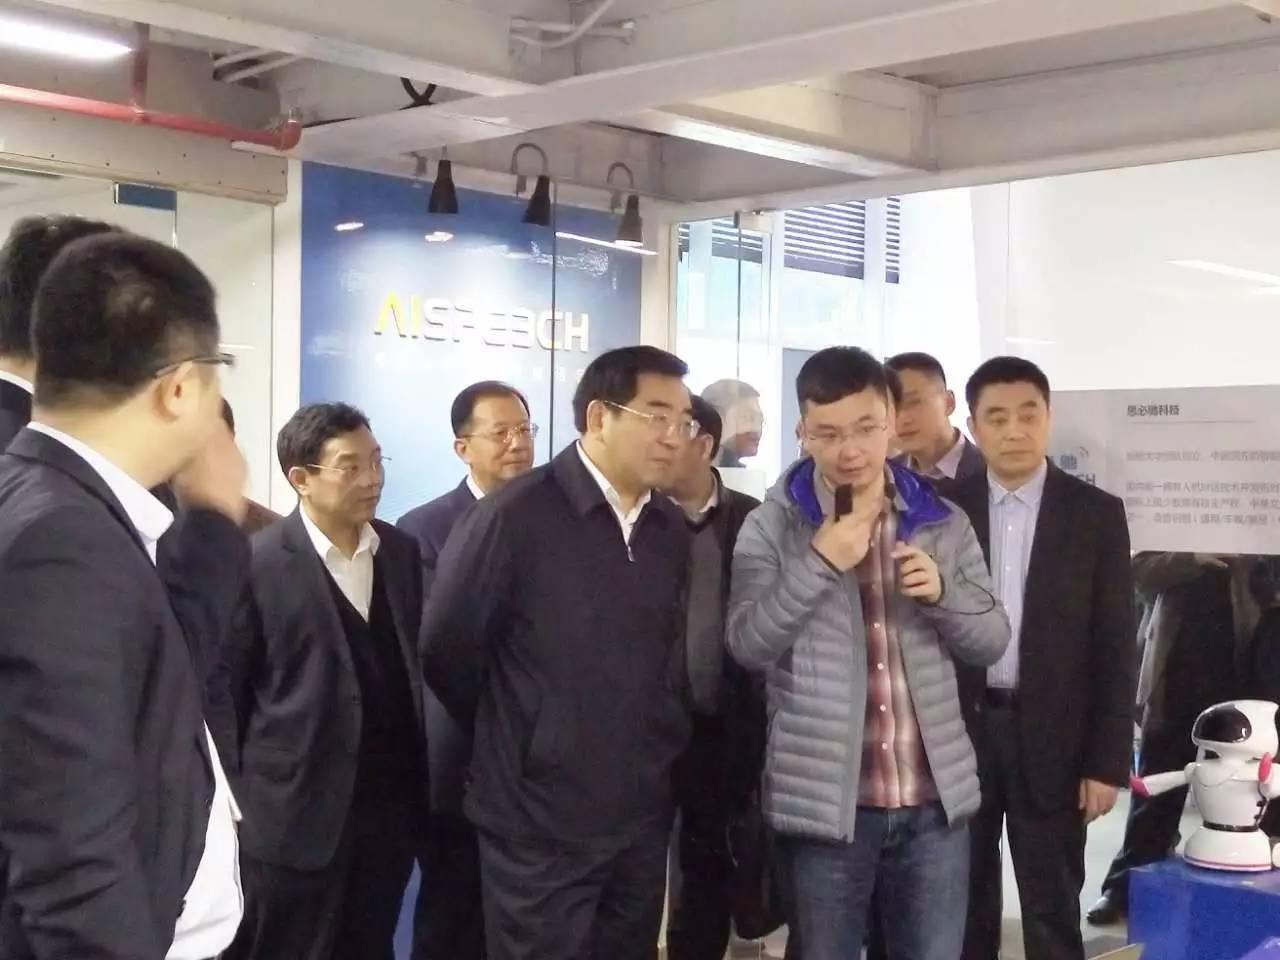 连维良造访思必驰,表示了政府对中国高新科技企业技术创新的支持